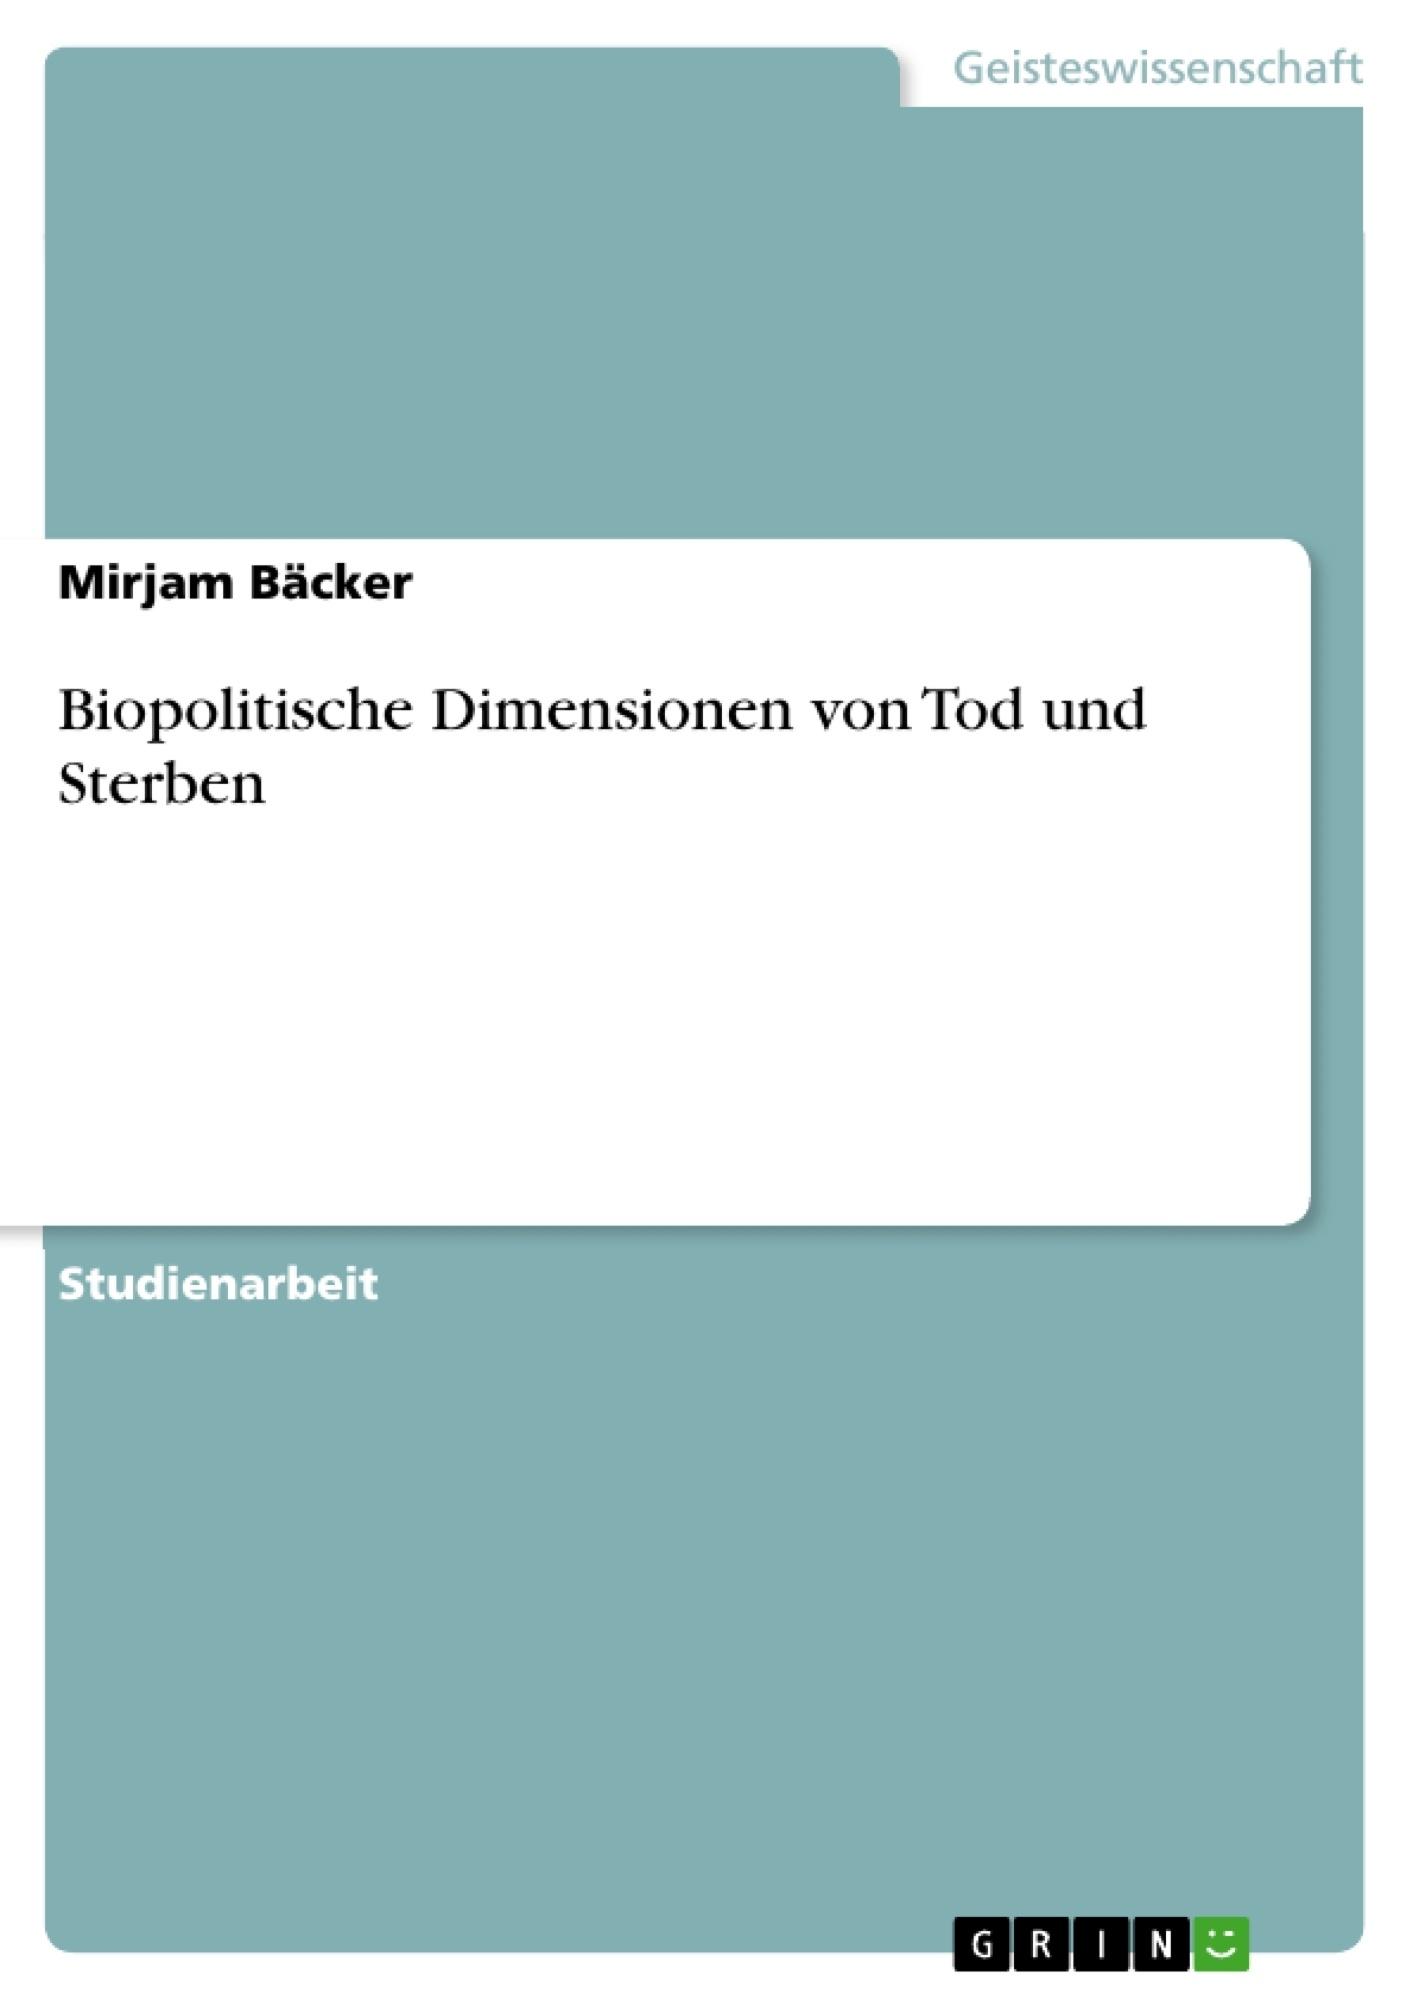 Titel: Biopolitische Dimensionen von Tod und Sterben